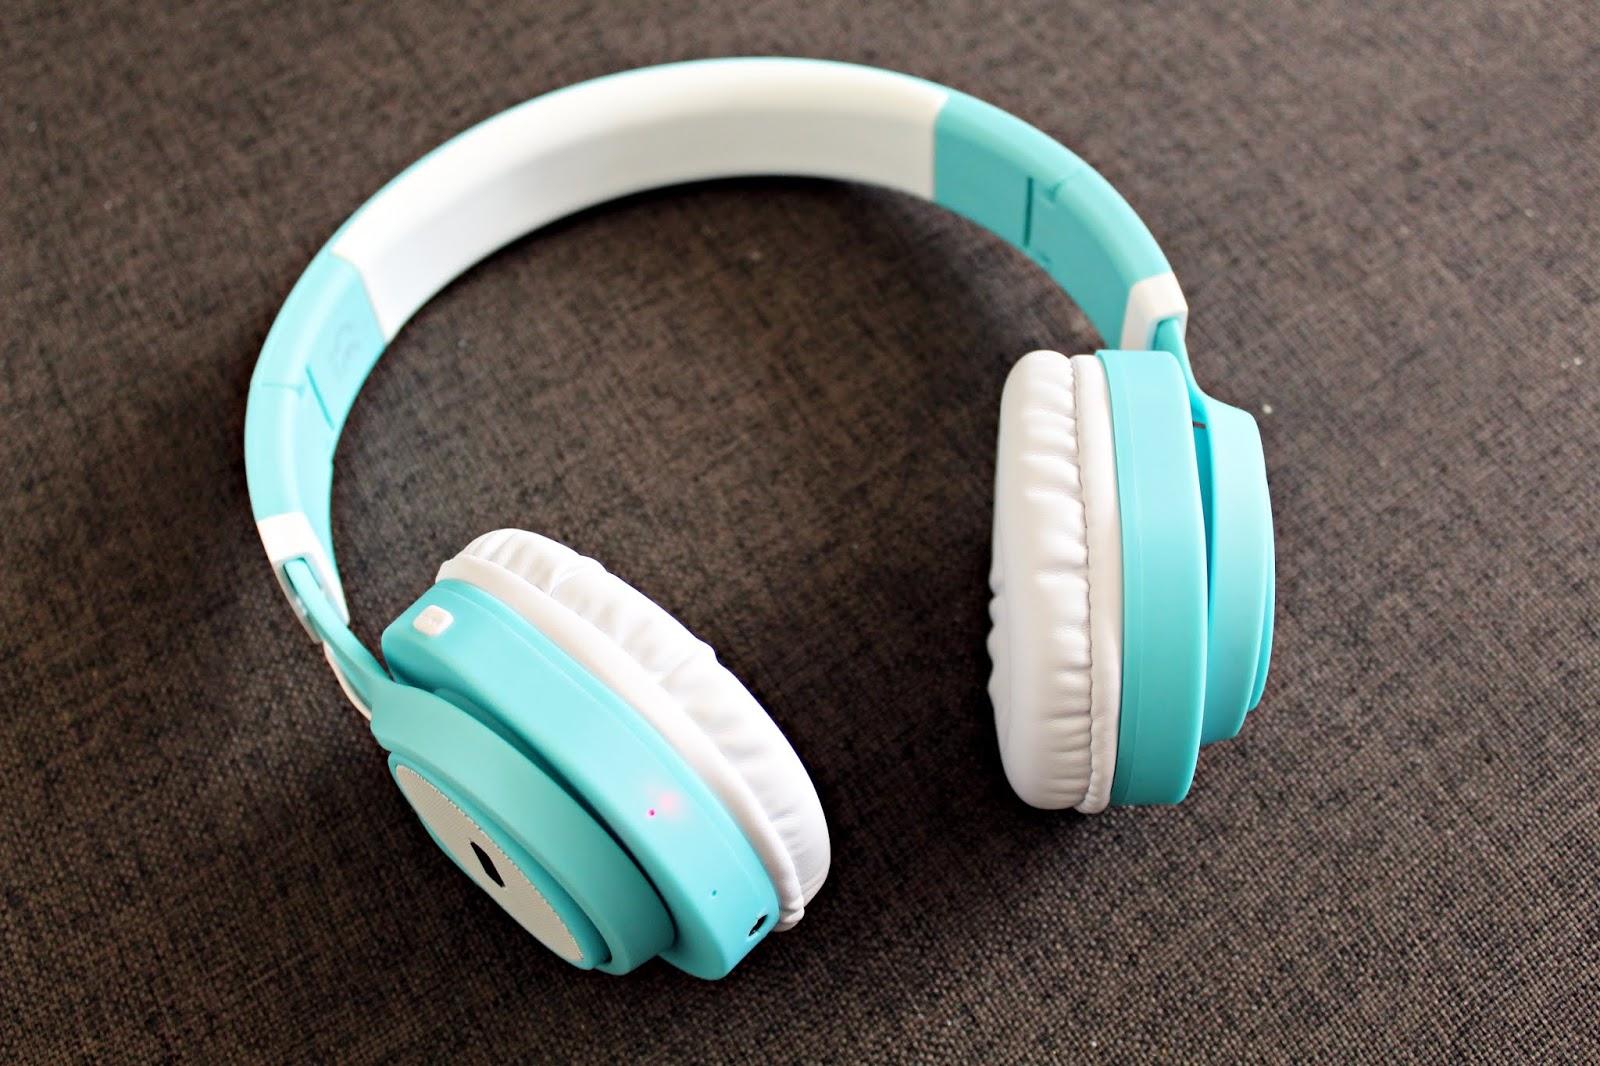 Poczuj ulubione dźwięki - słuchawki nauszne z mikrofonem BLUETOOTH AP-B04 - IziGSM